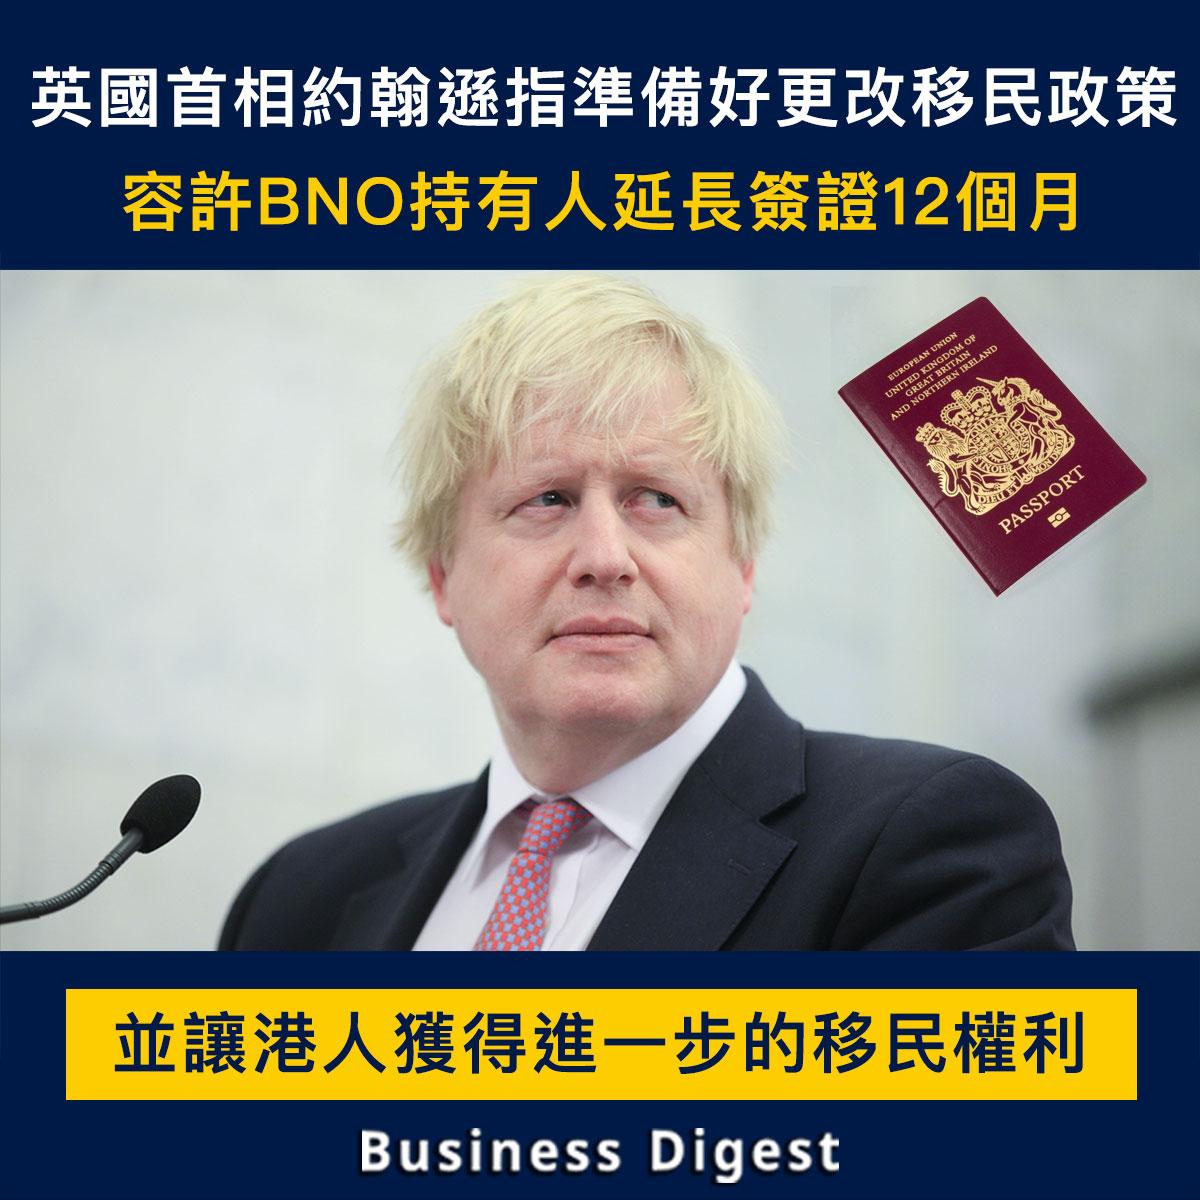 【移民熱話】英國首相約翰遜指準備好更改移民政策,容許BNO持有人延長簽證12個月